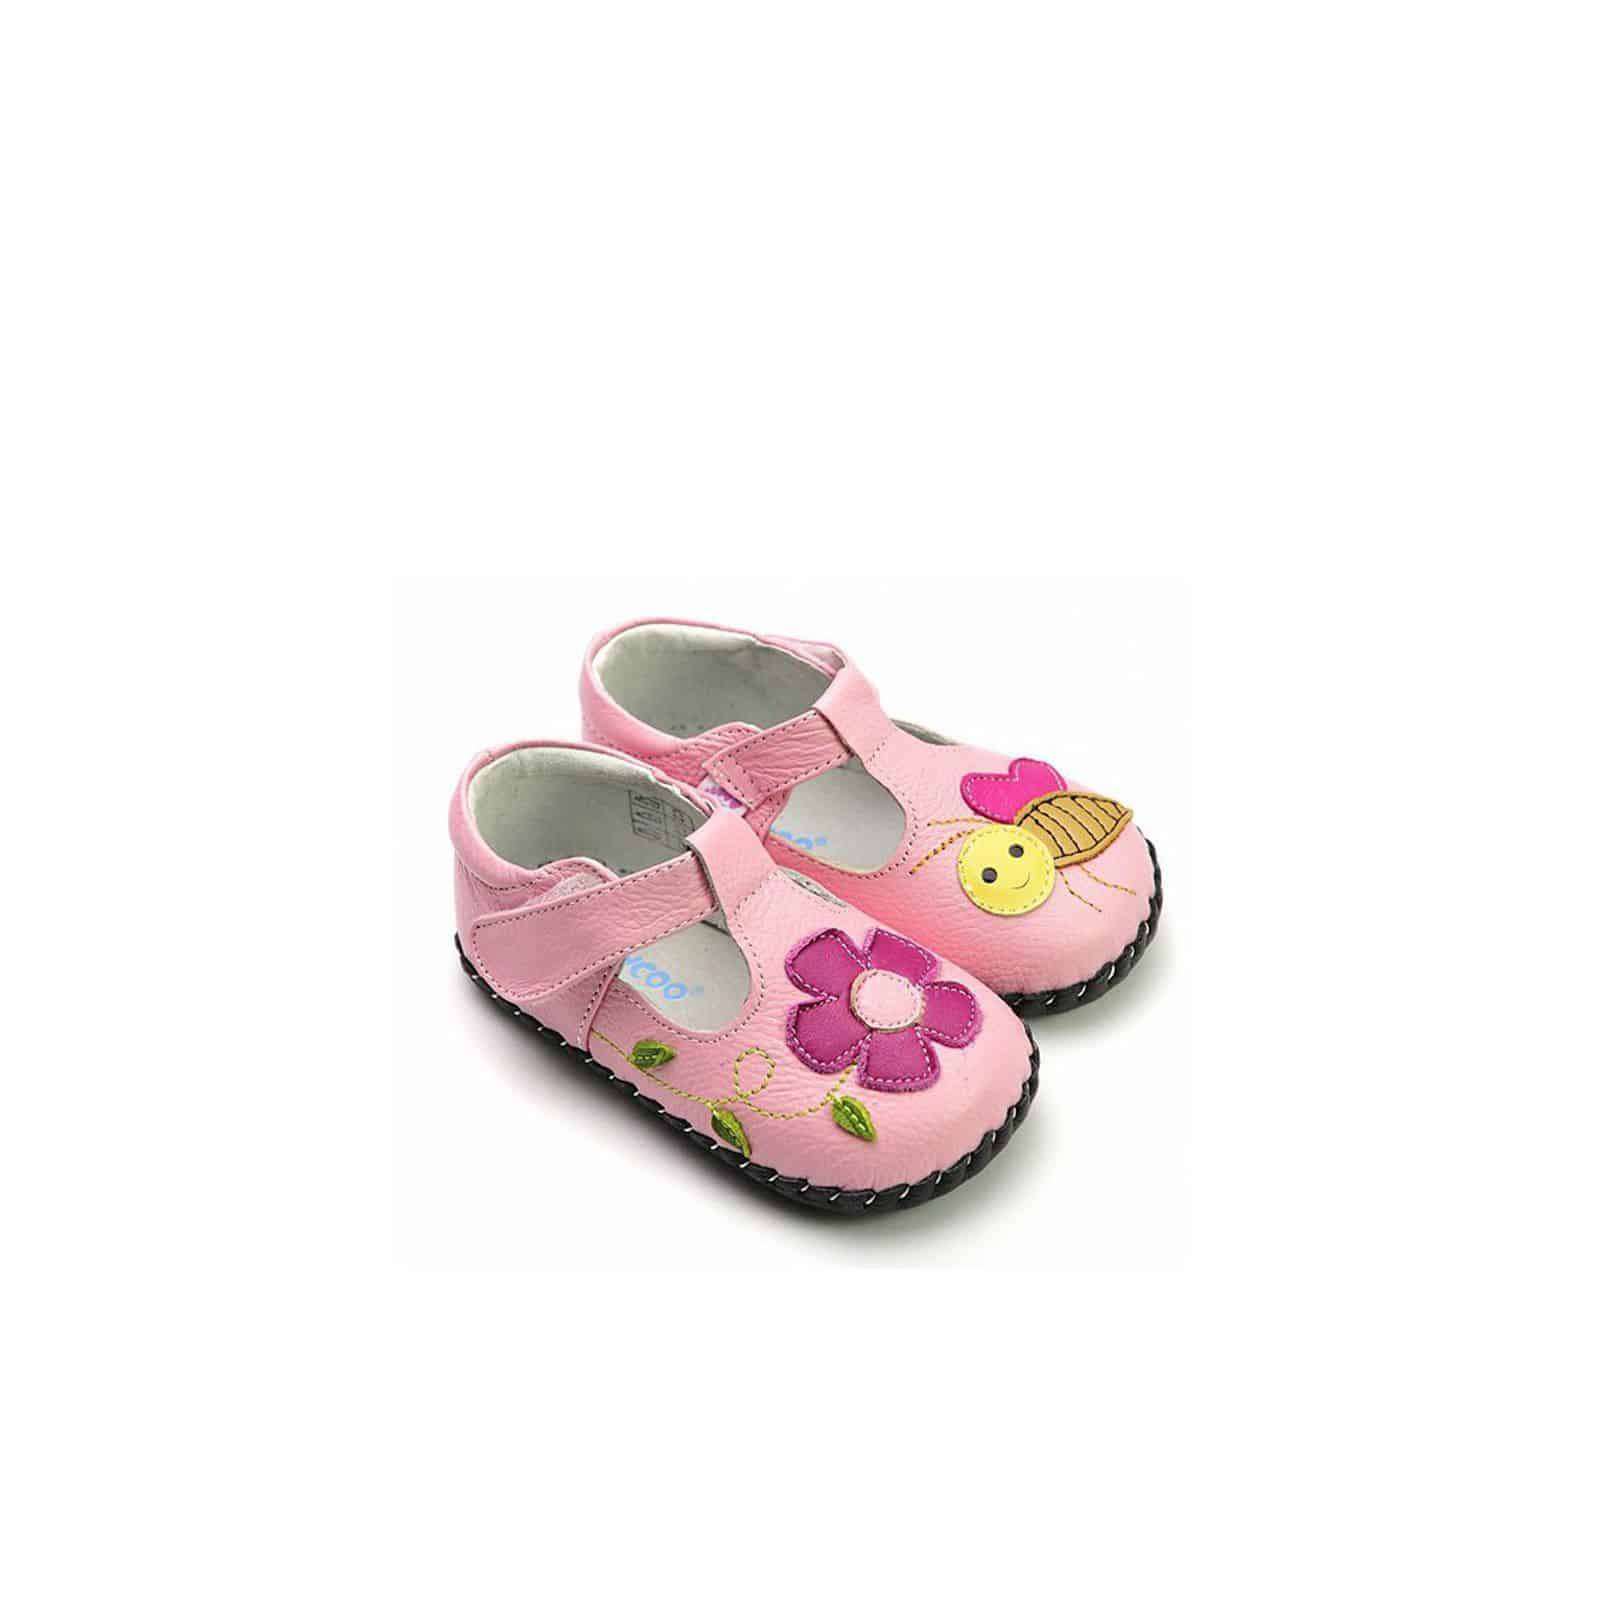 2e0dad023c38c Chaussures premiers pas cuir souples Babies abeille